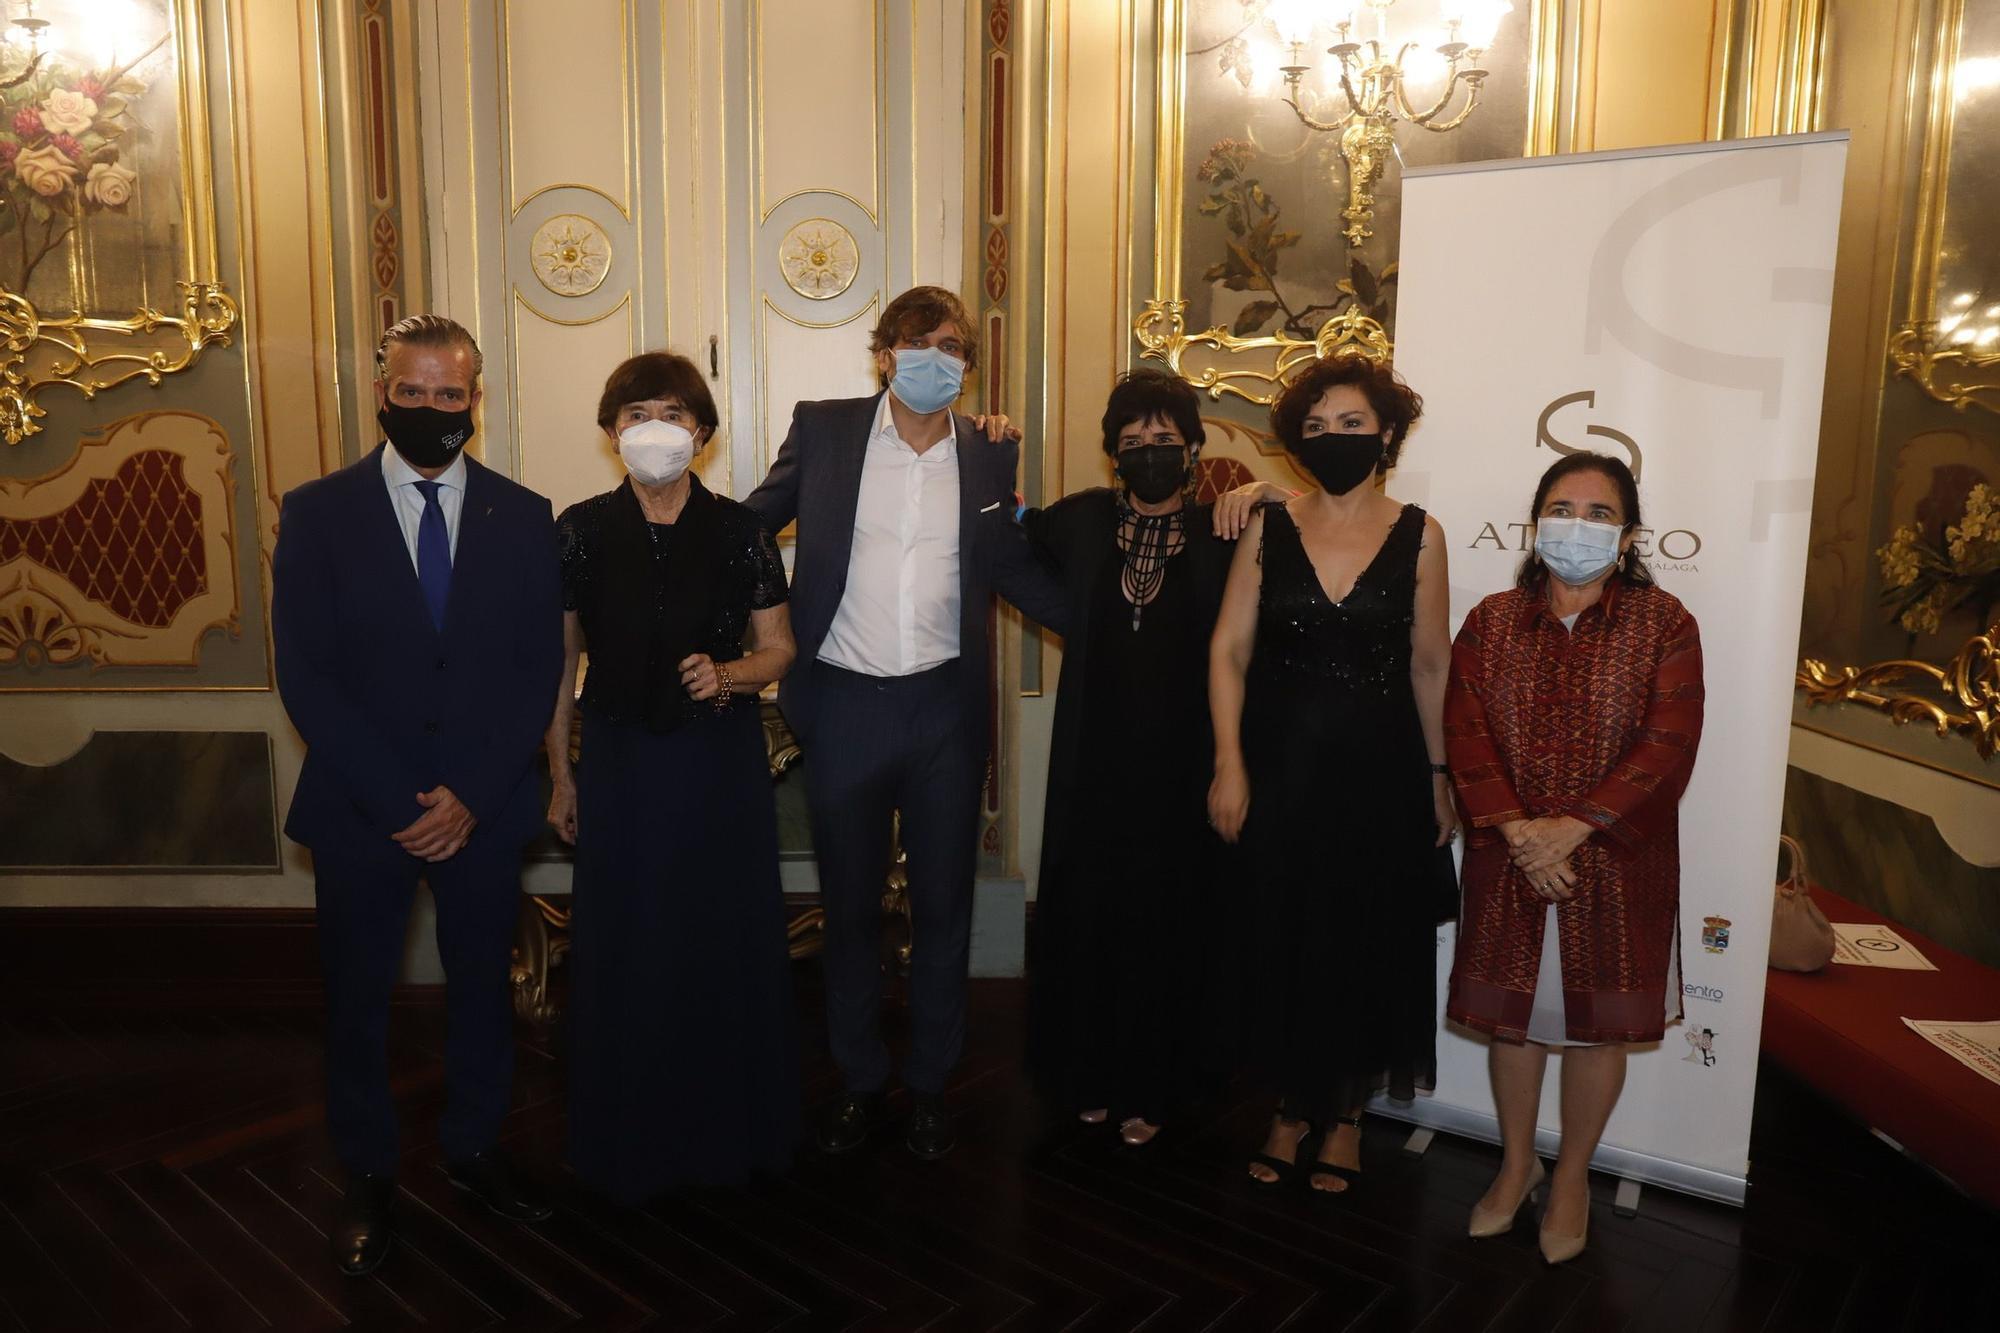 Las imágenes de la entrega de los Premios Ateneo de Málaga 2021.